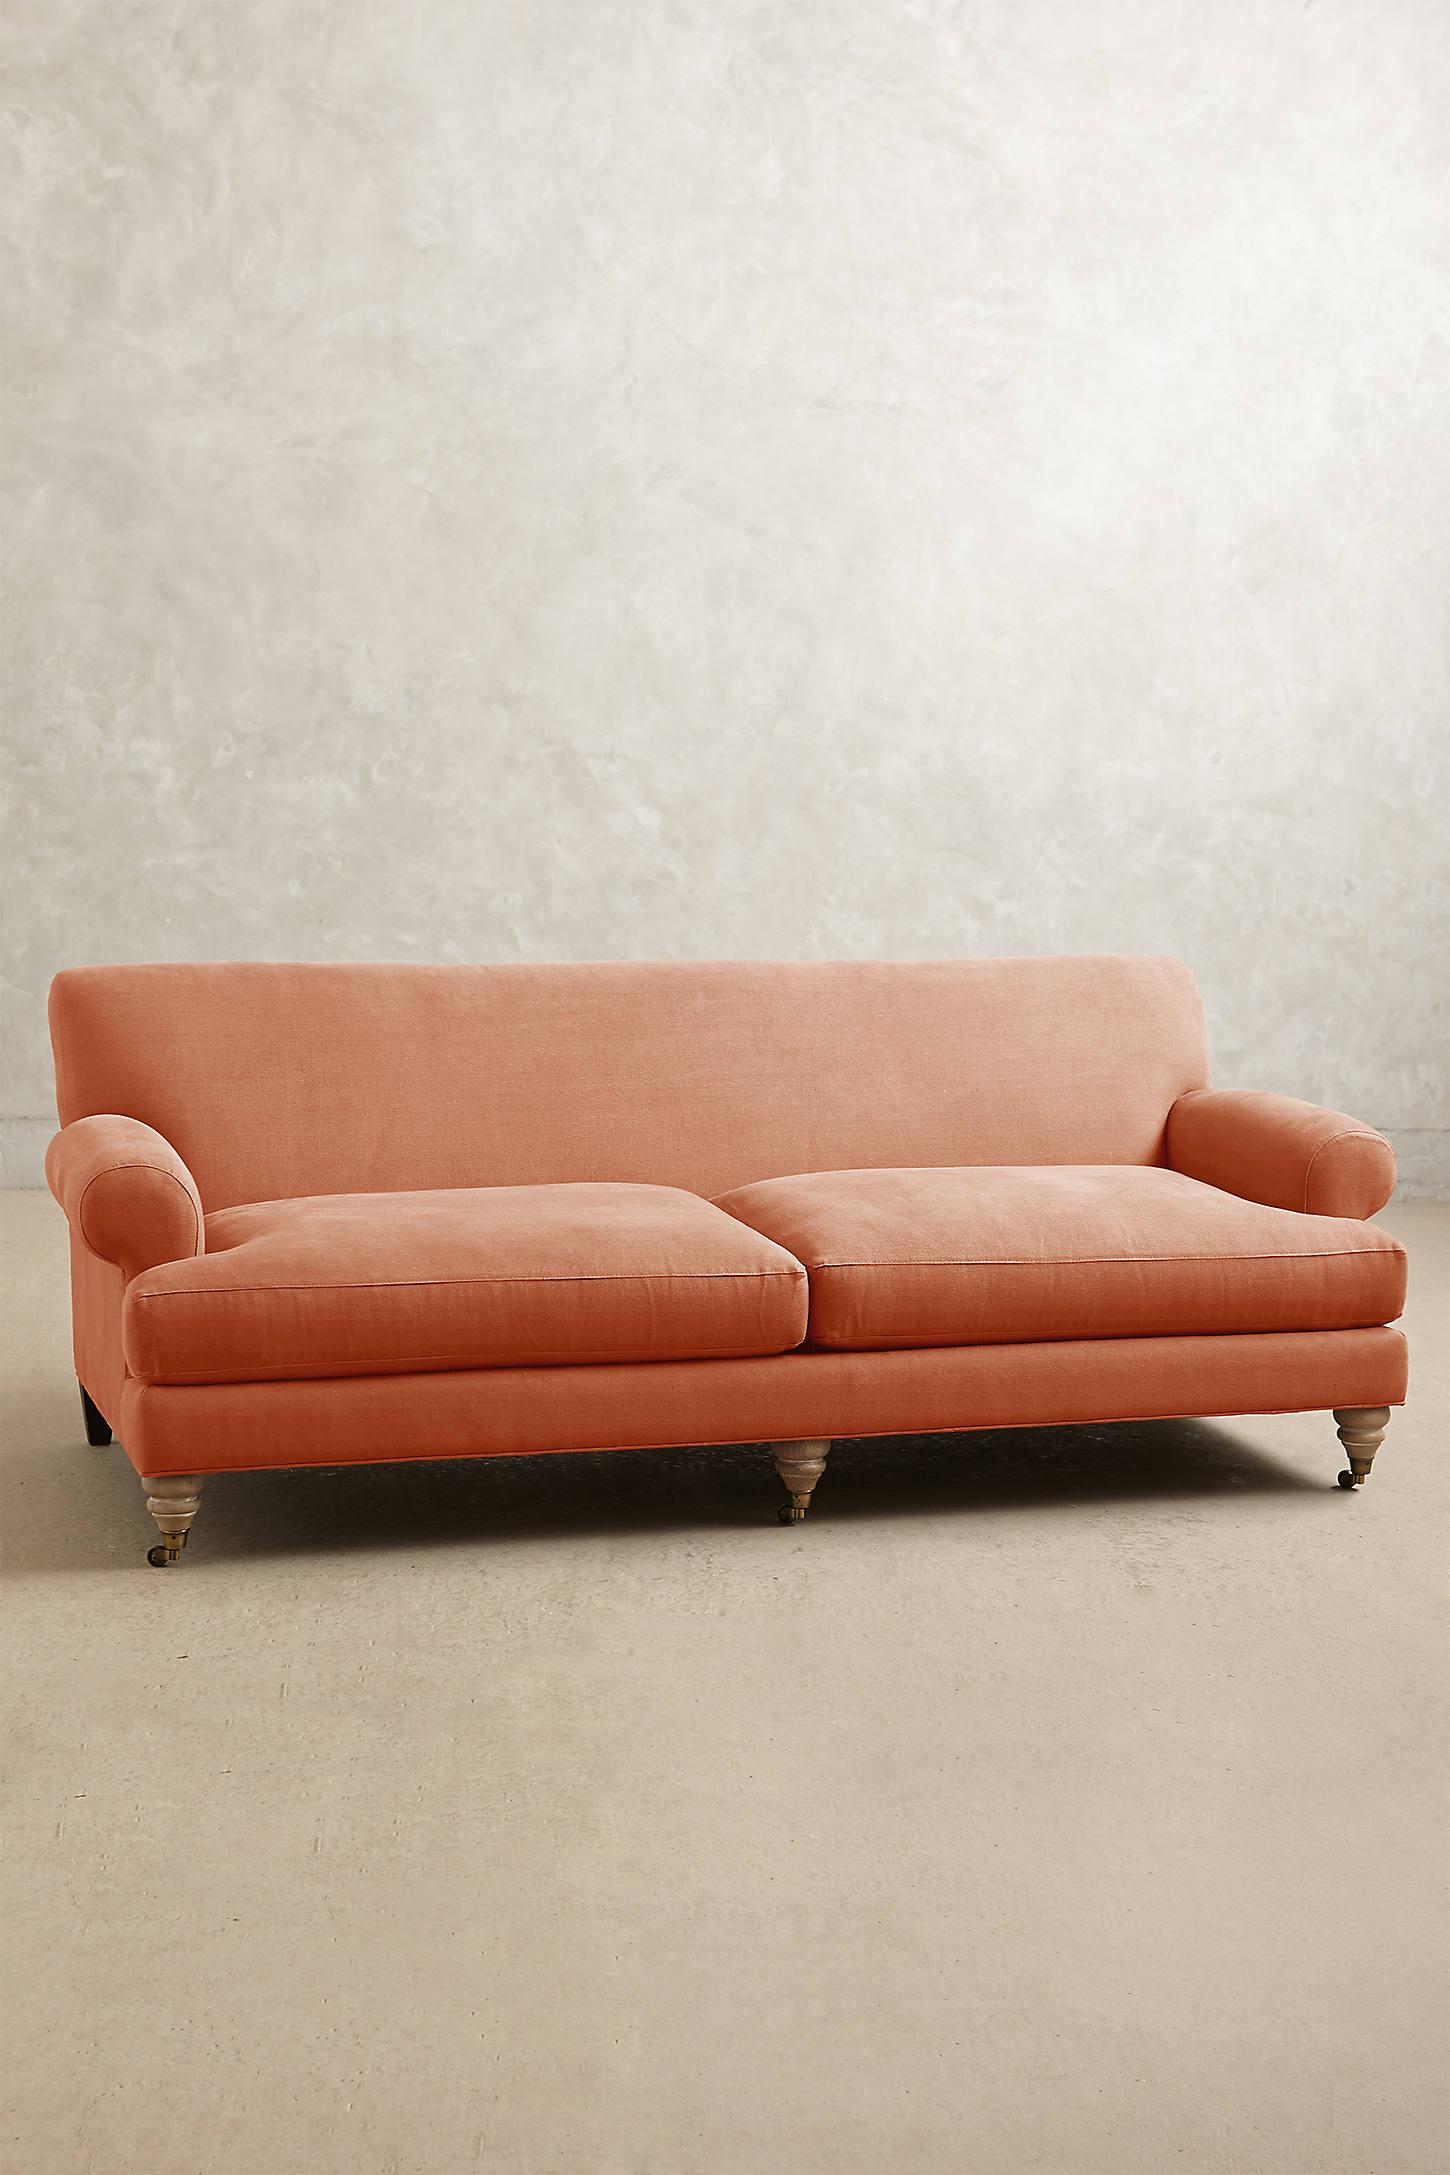 Belgian Linen Willoughby Sofa, Wilcox